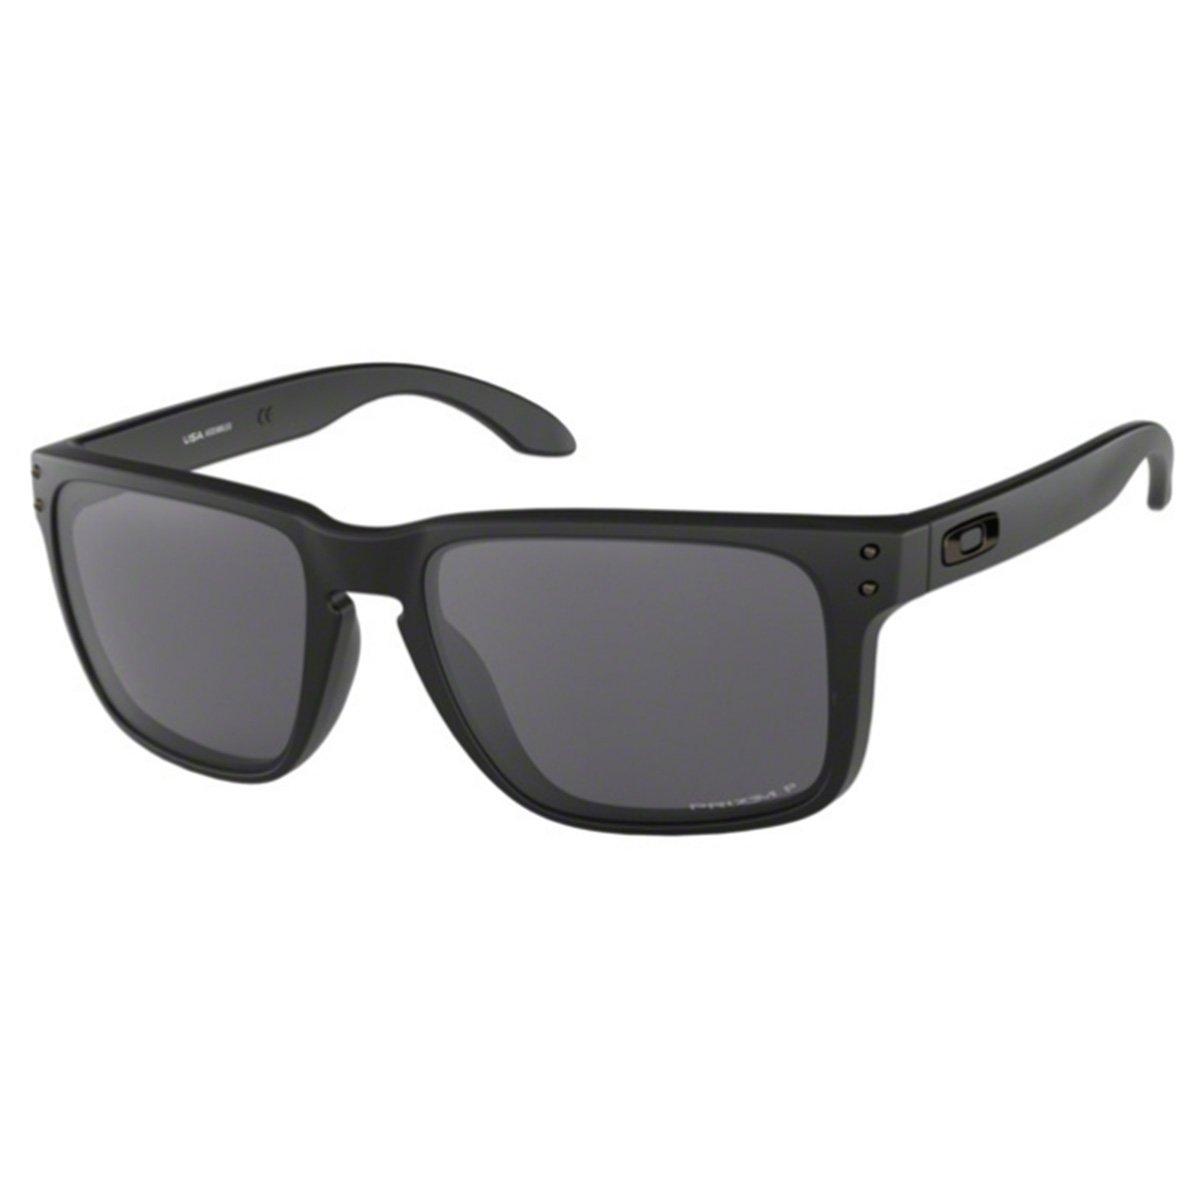 2b662ee85b4b3 Compre Óculos de Sol Oakley Holbrook XL em 10X